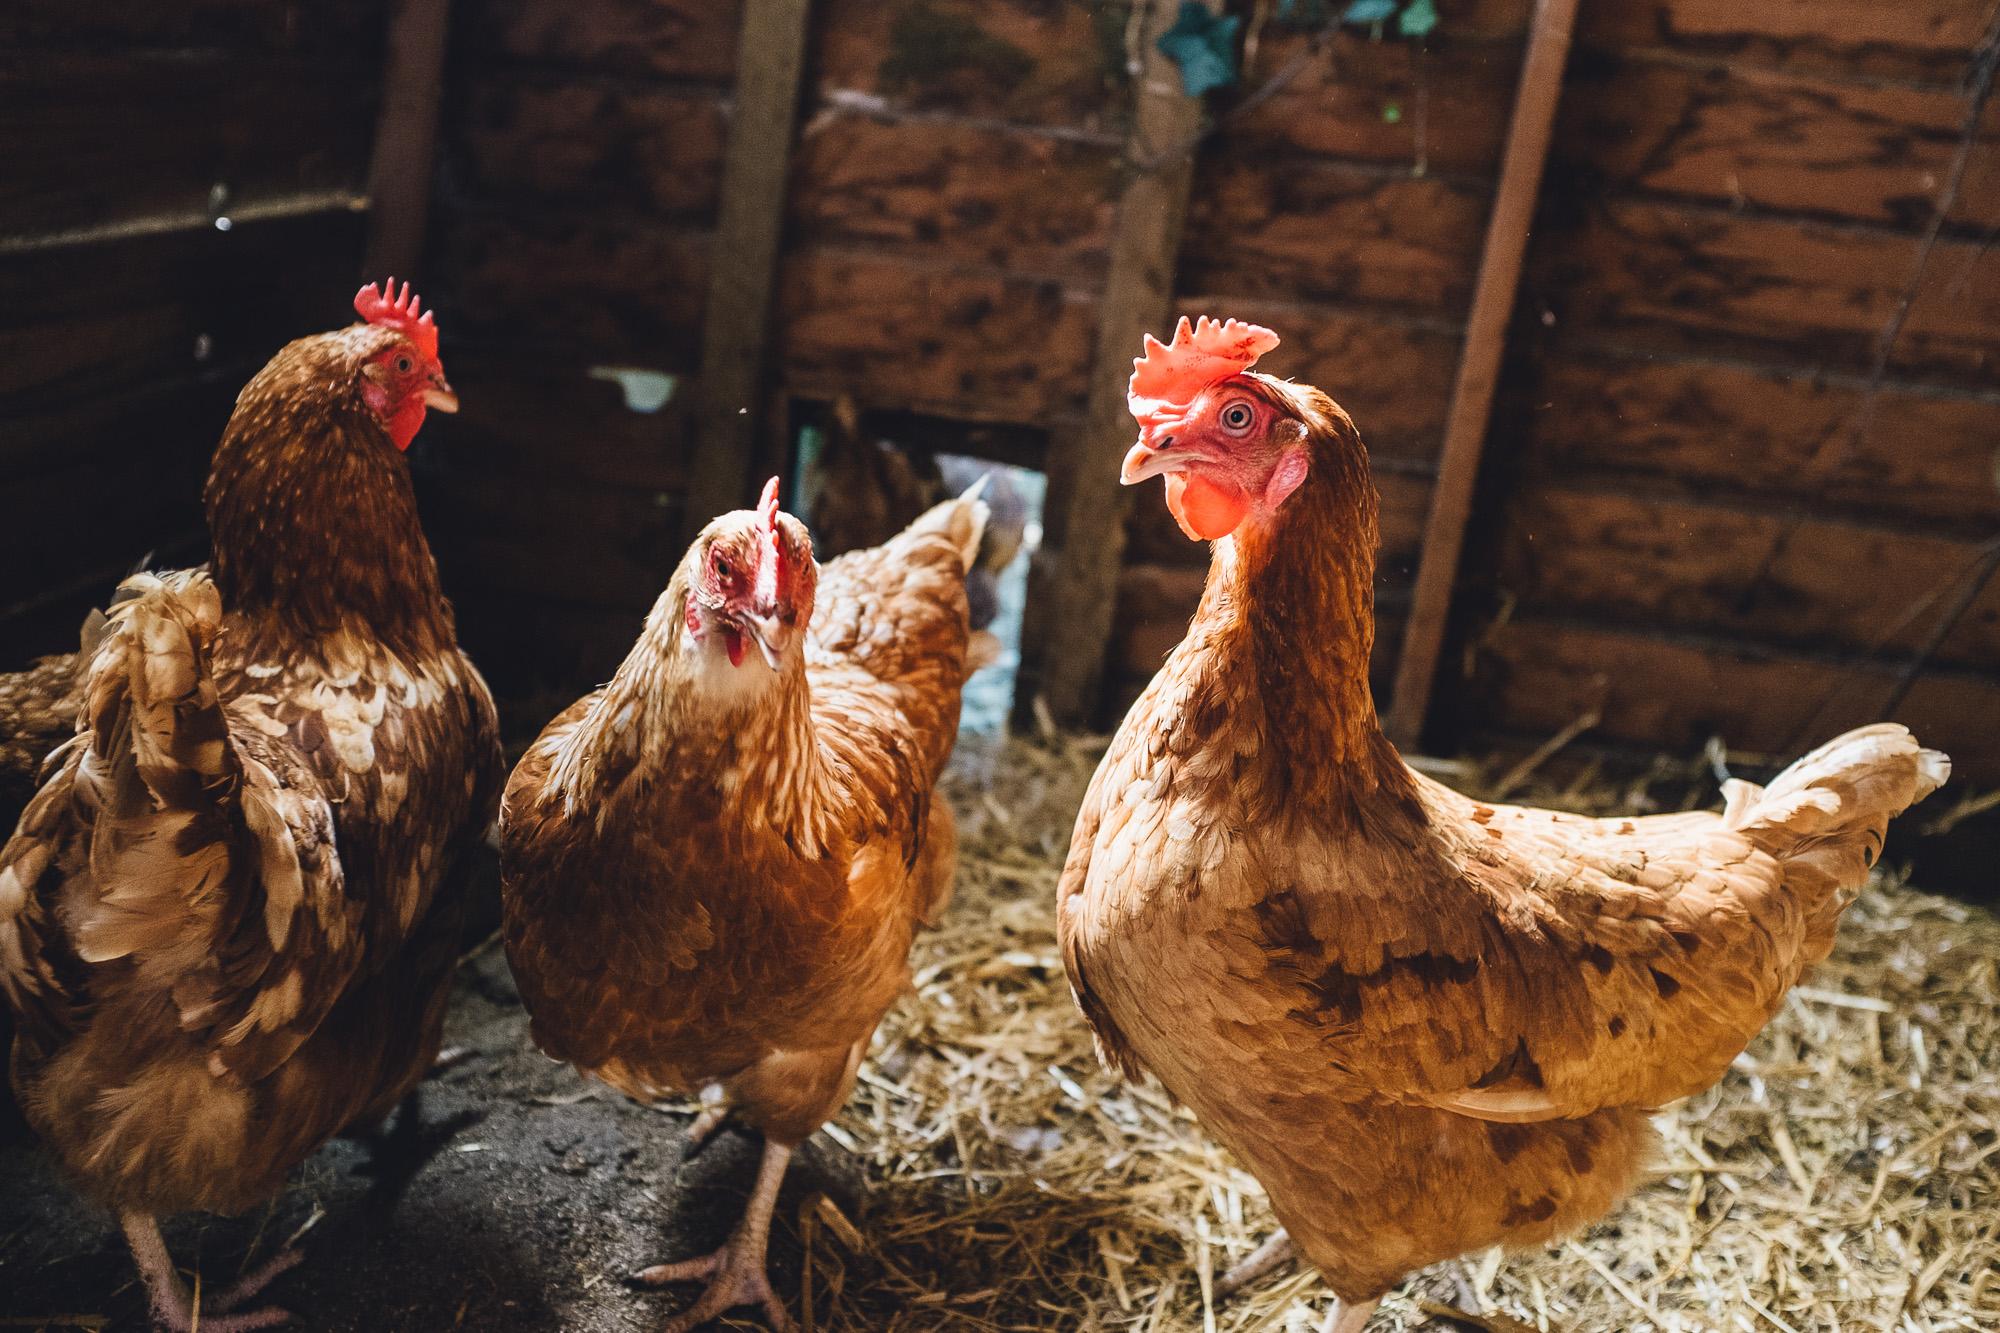 Fuji X100s chickens